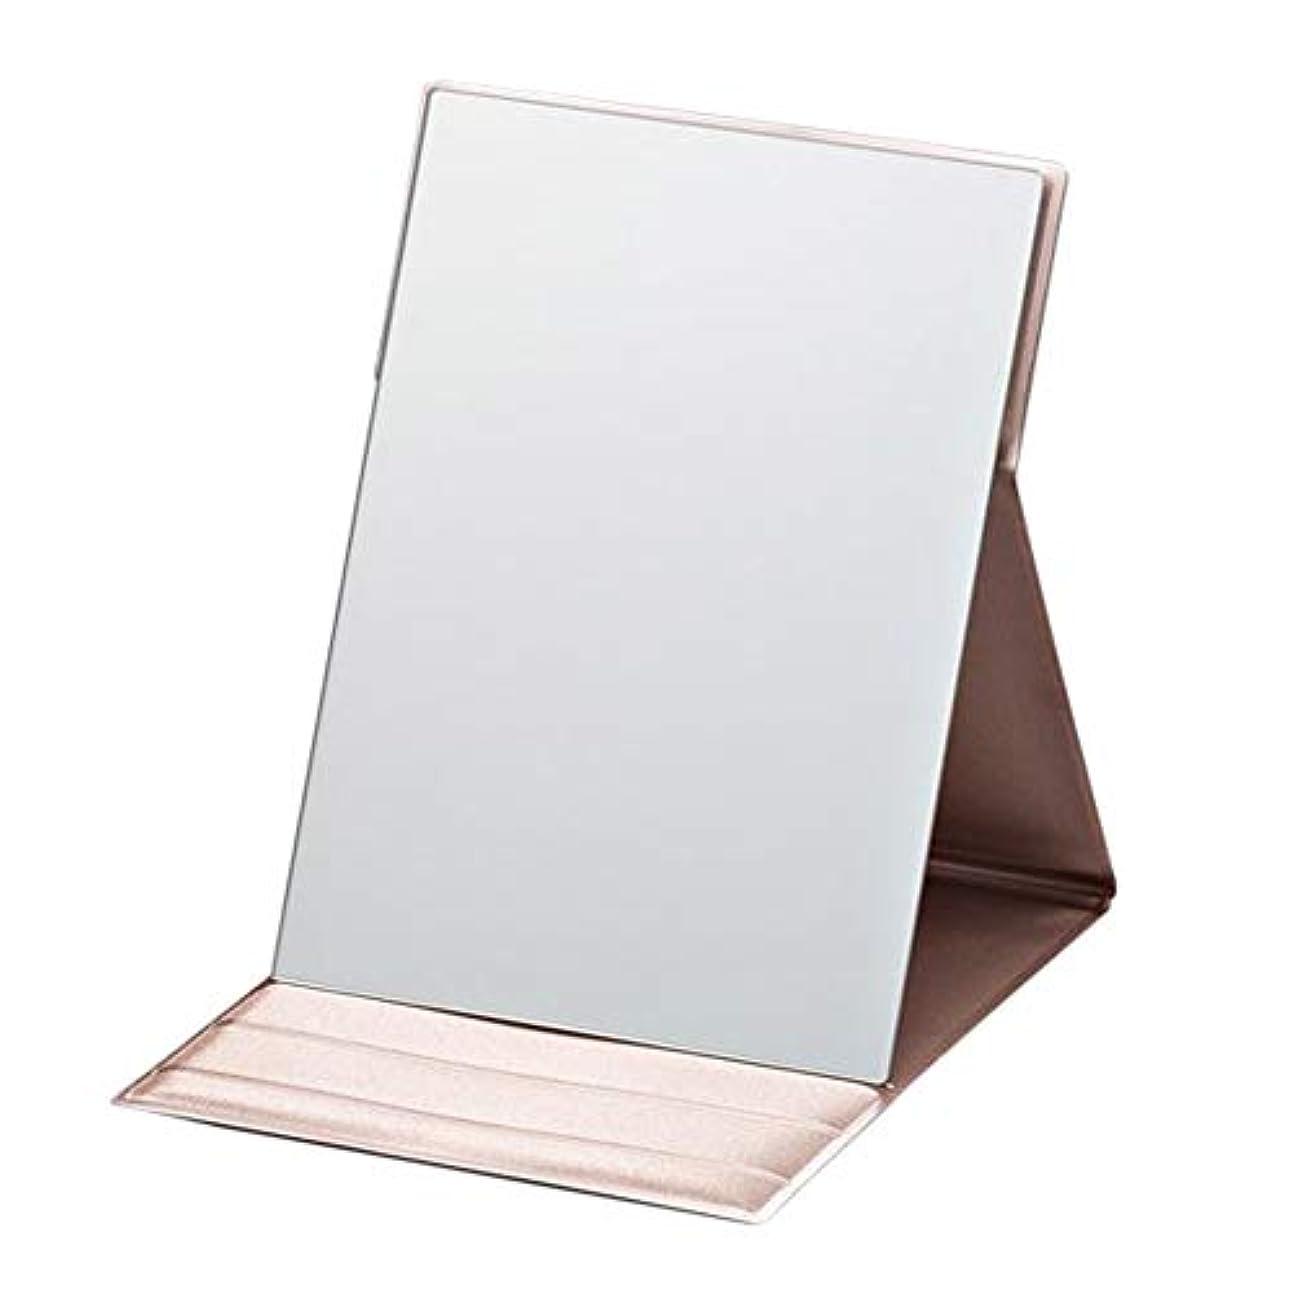 プロモデル折立 M ピンクゴールド 折り畳み式化粧鏡